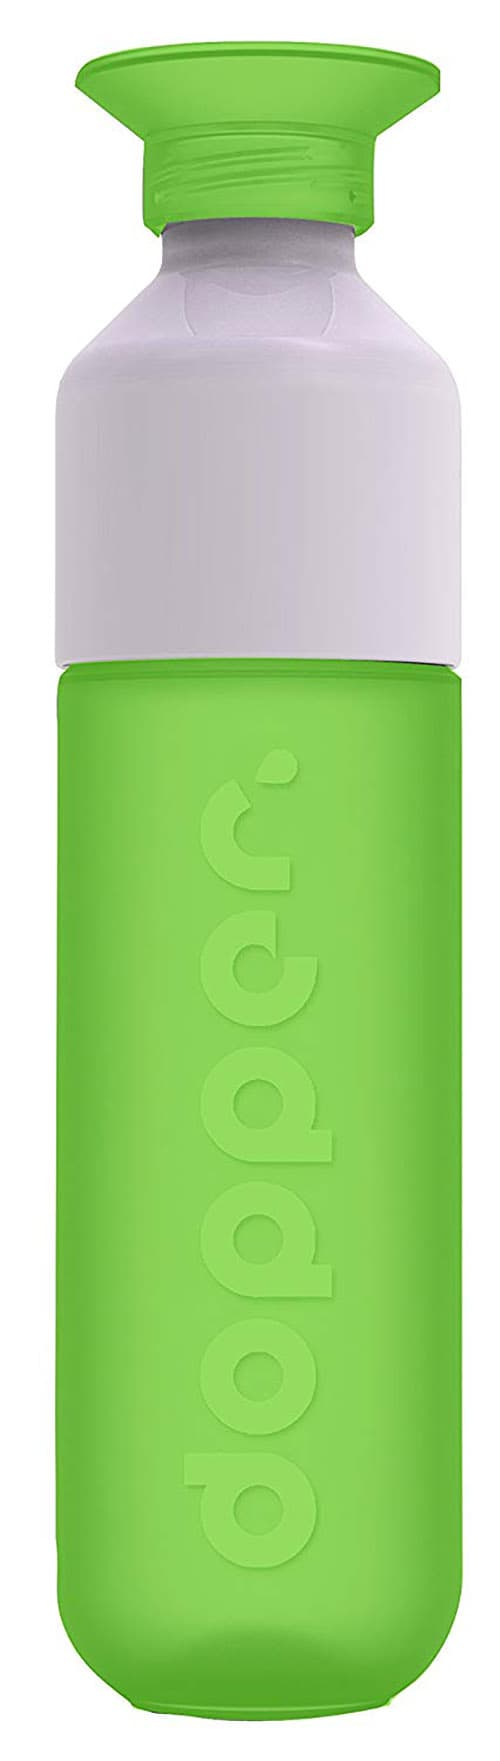 Dopper - Botella de agua, Manzana Verde (Apple Green), 1